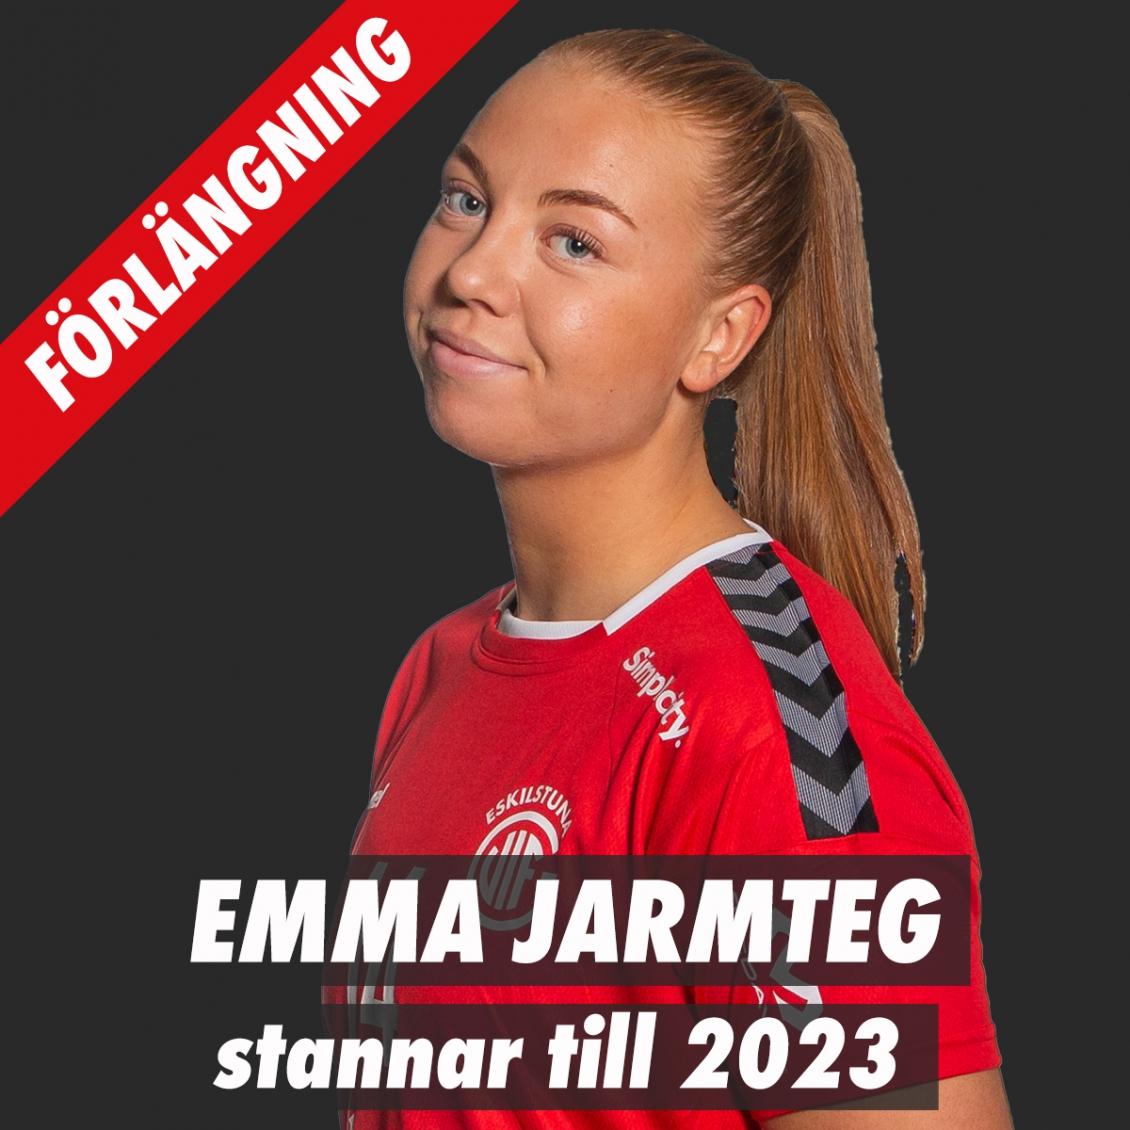 Emma Jarmteg förlänger!